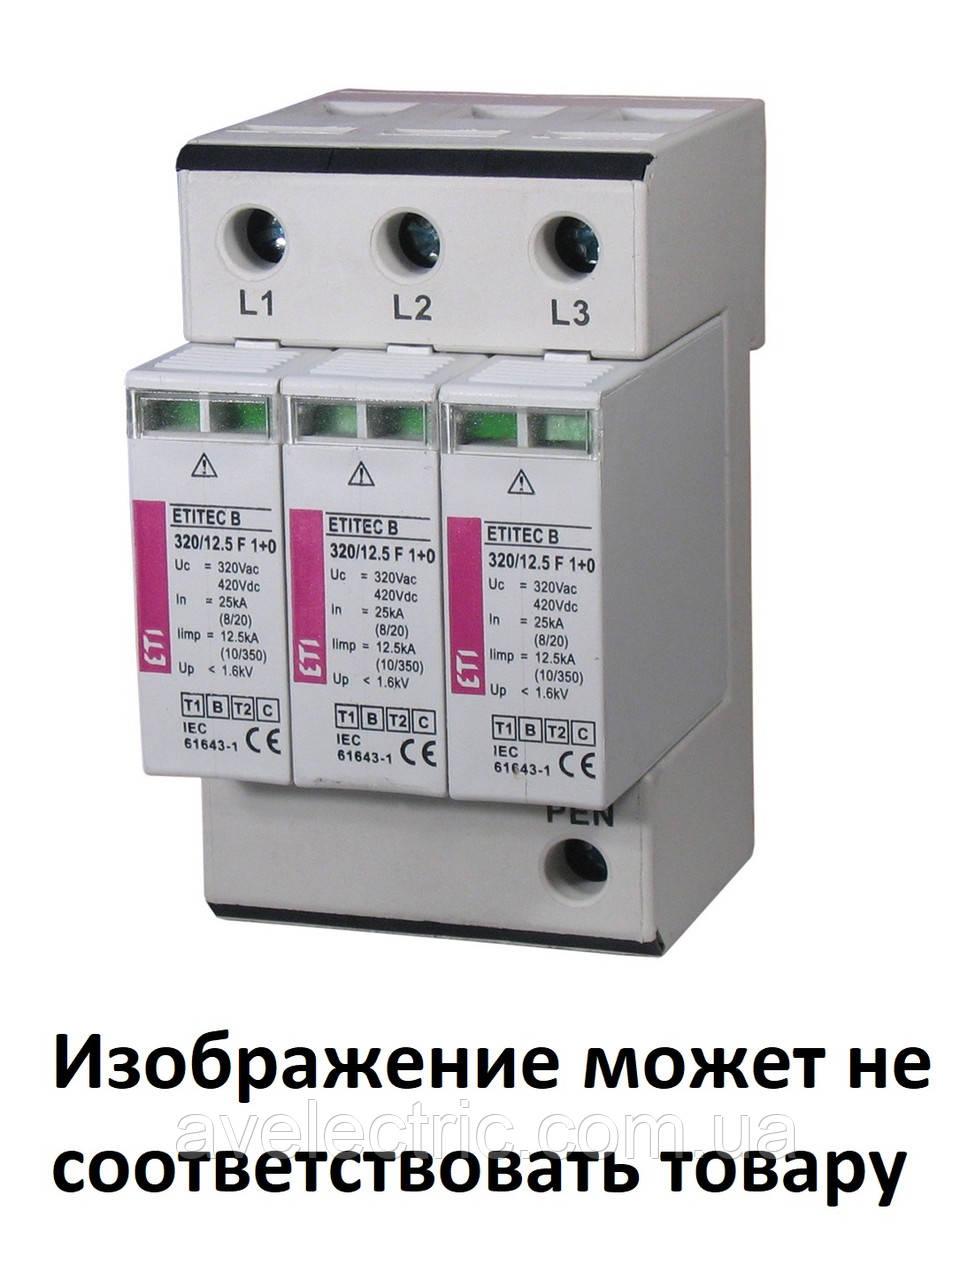 Обмежувач перенапруги ETITEC C T2 440/20 (2+0) 2p